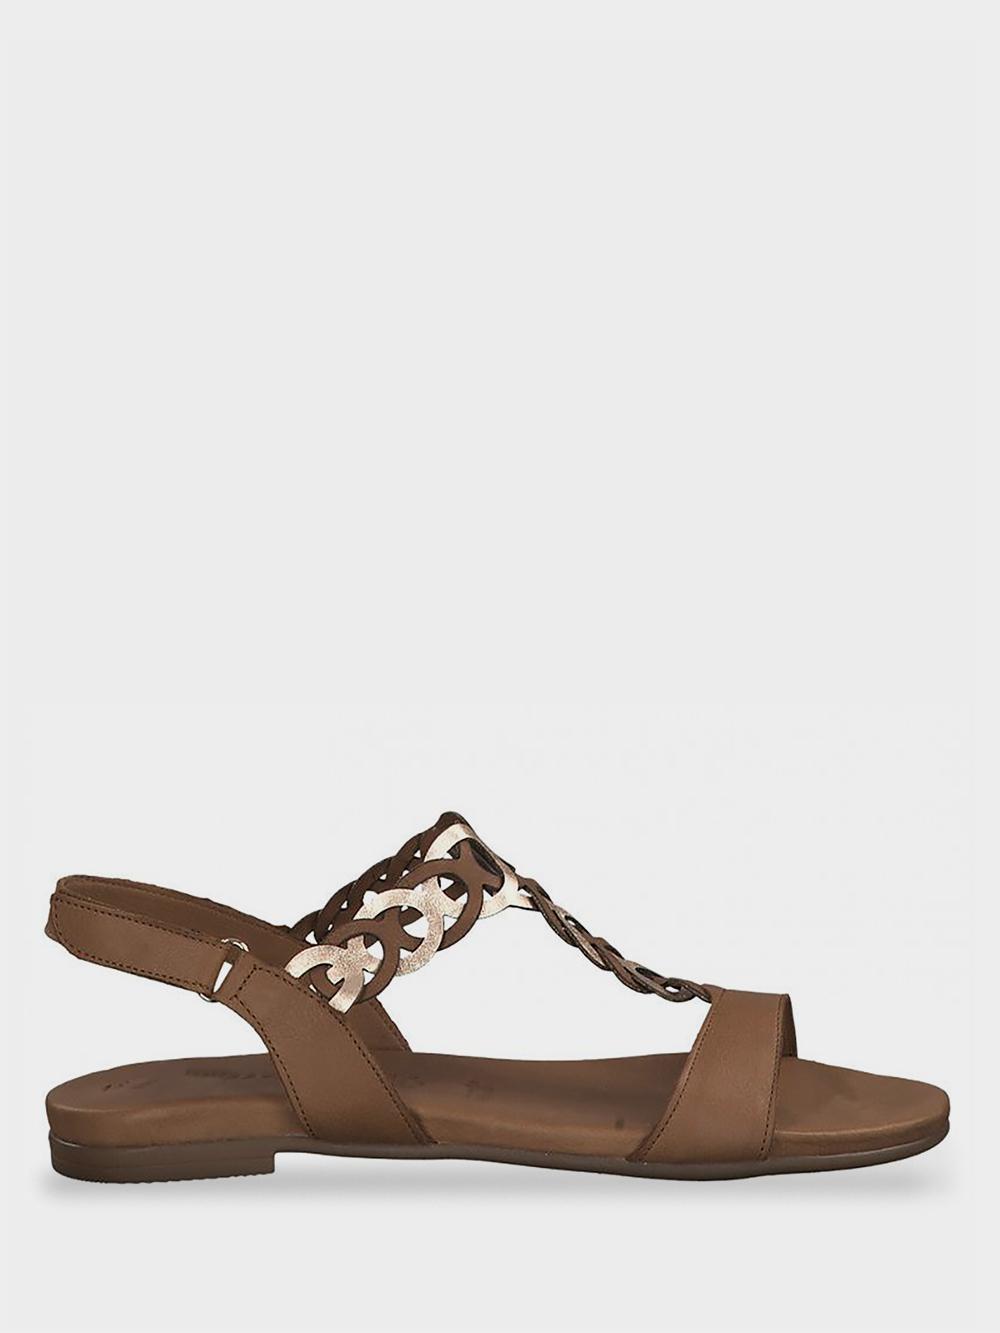 Сандалии для женщин Tamaris IS561 размерная сетка обуви, 2017